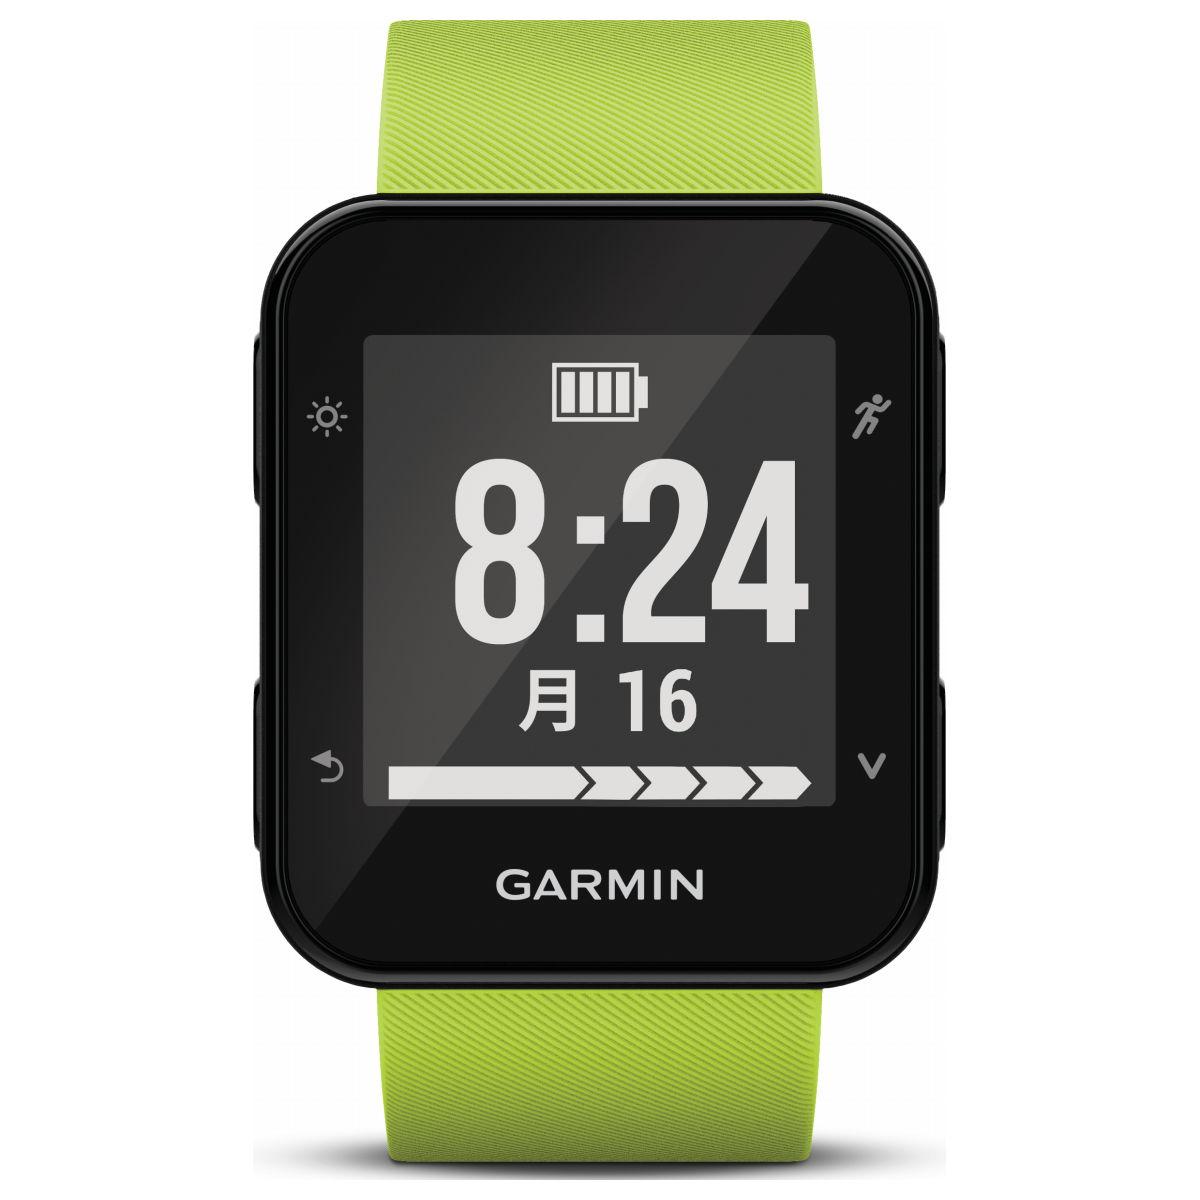 ガーミン GARMIN フォーアスリート35J ForeAthlete35J Lime Green スマートウォッチ ウェアラブル端末 腕時計 メンズ レディース 010-01689-39